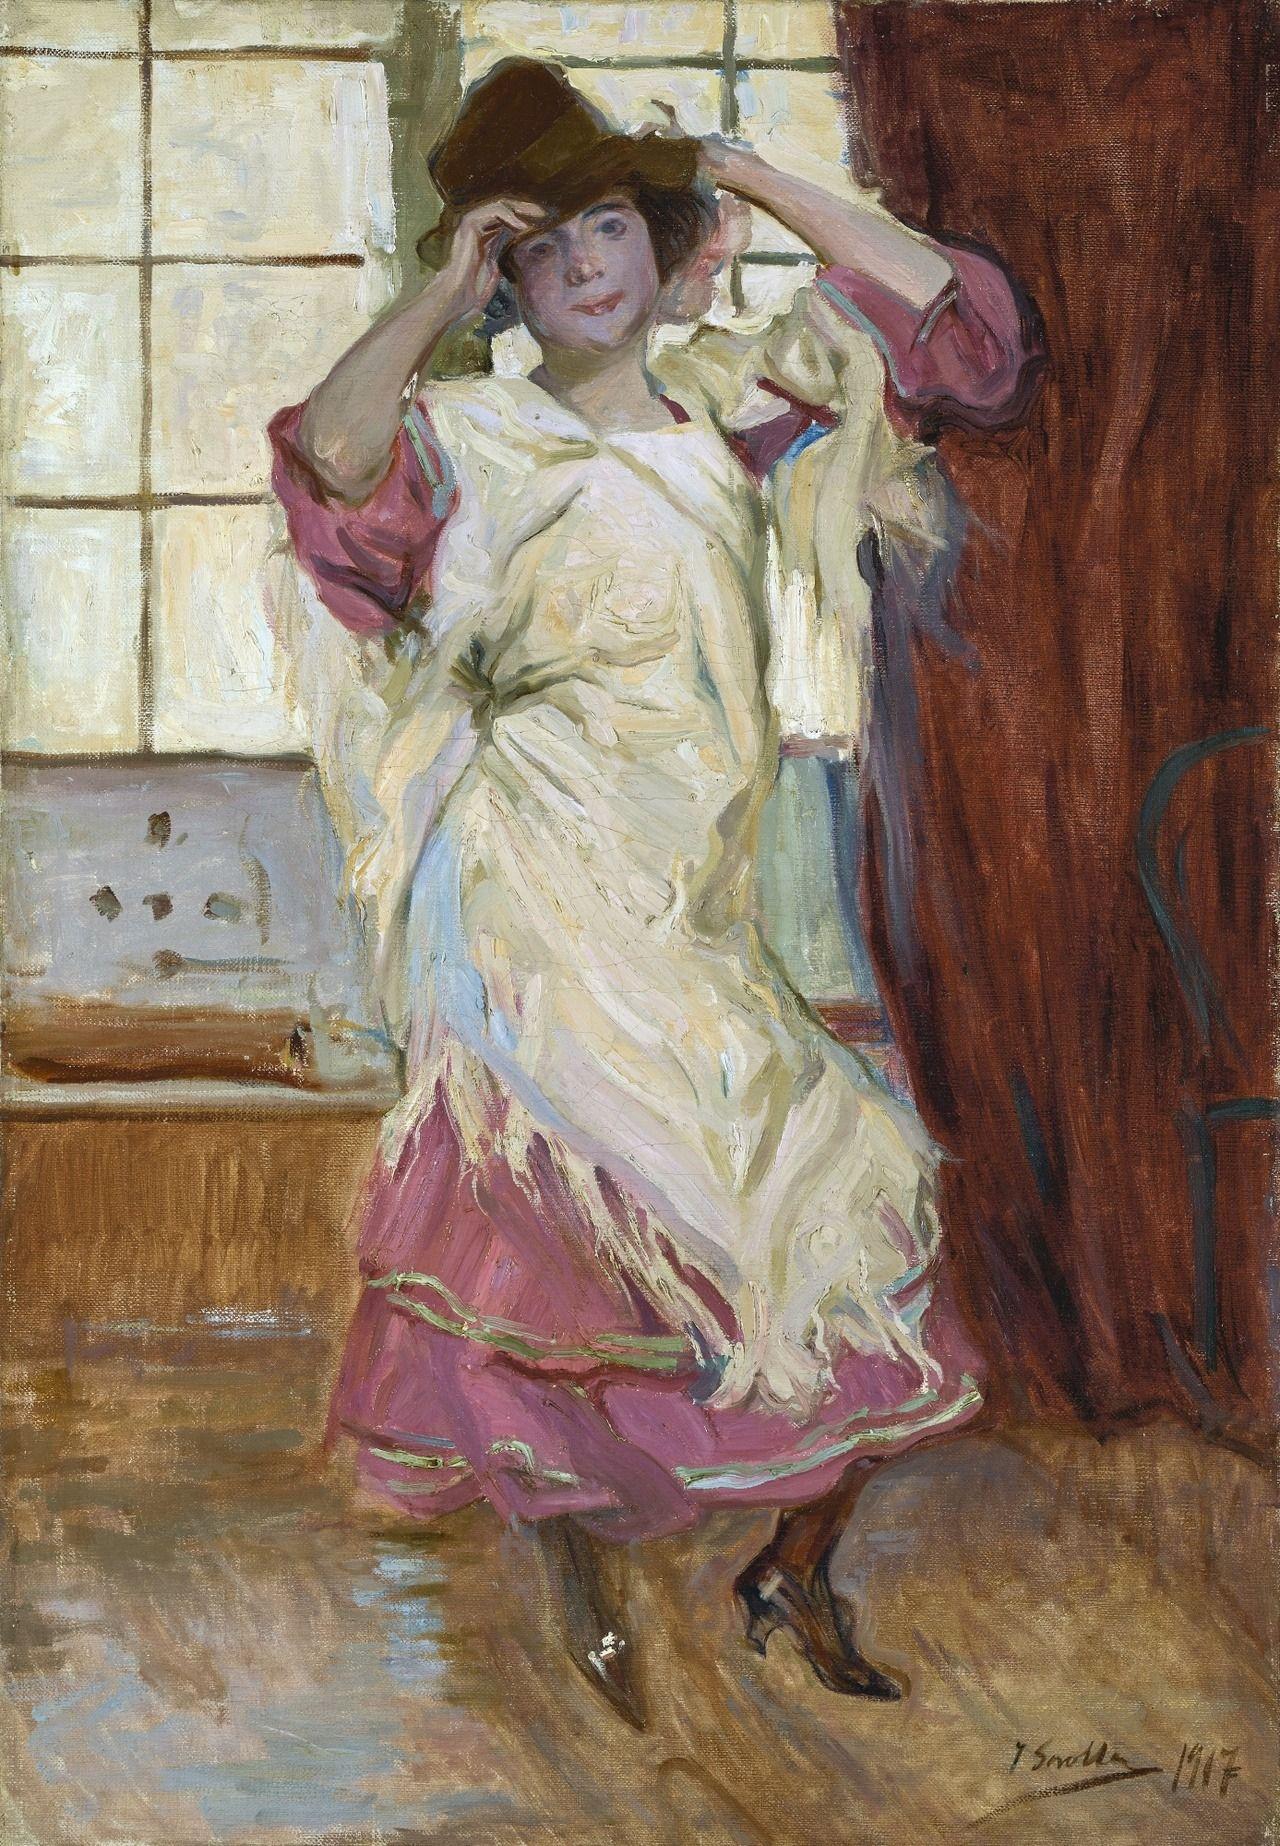 Joaquín Sorolla y Bastida (Spanish, 18631923), La